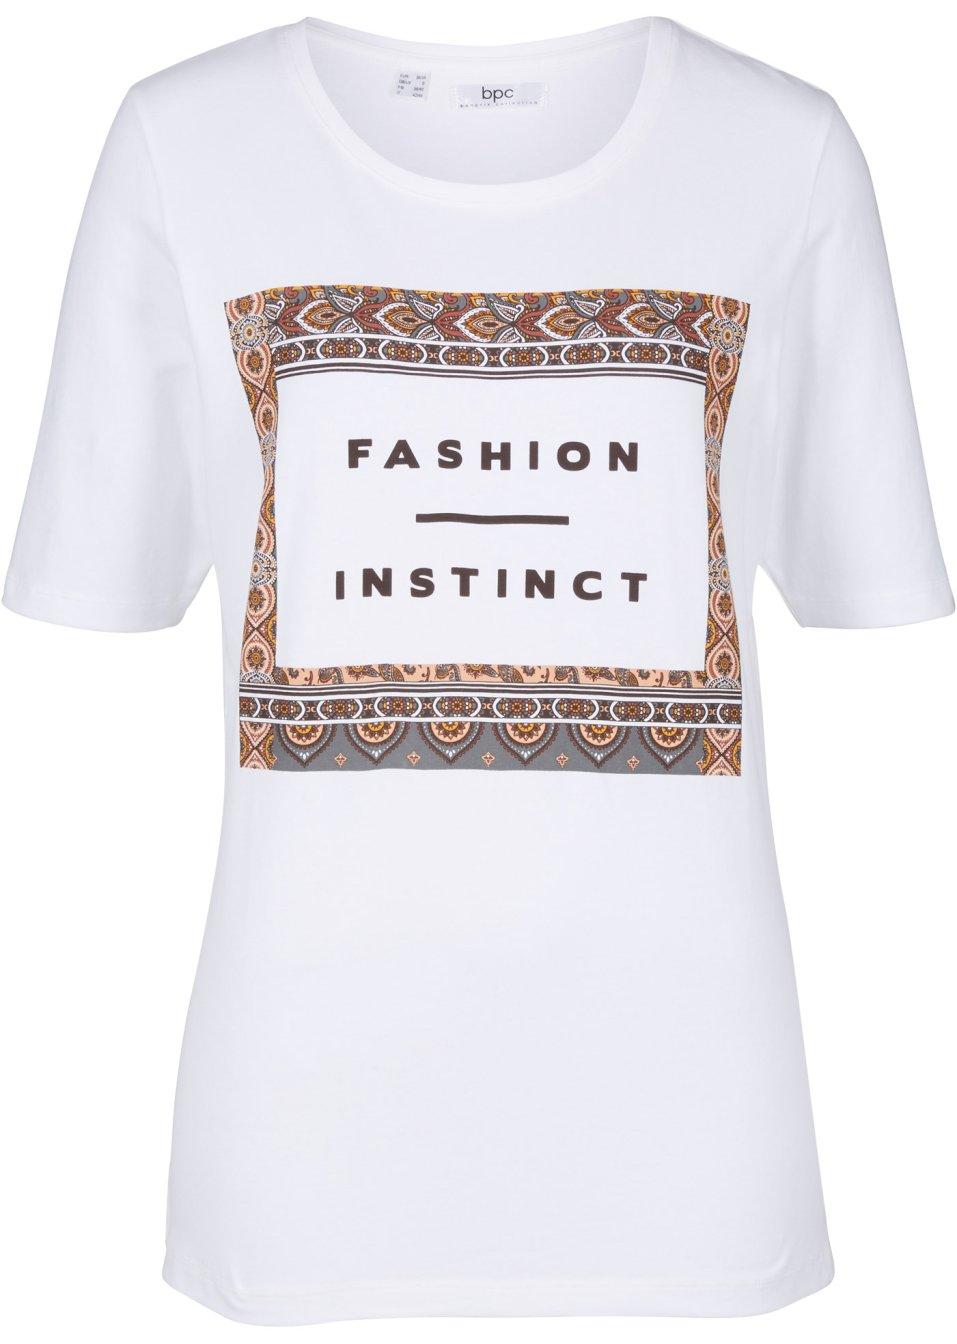 Elastisches Shirt mit einem dekorativem Druck - weiß bedruckt S6lrL ElHKJ